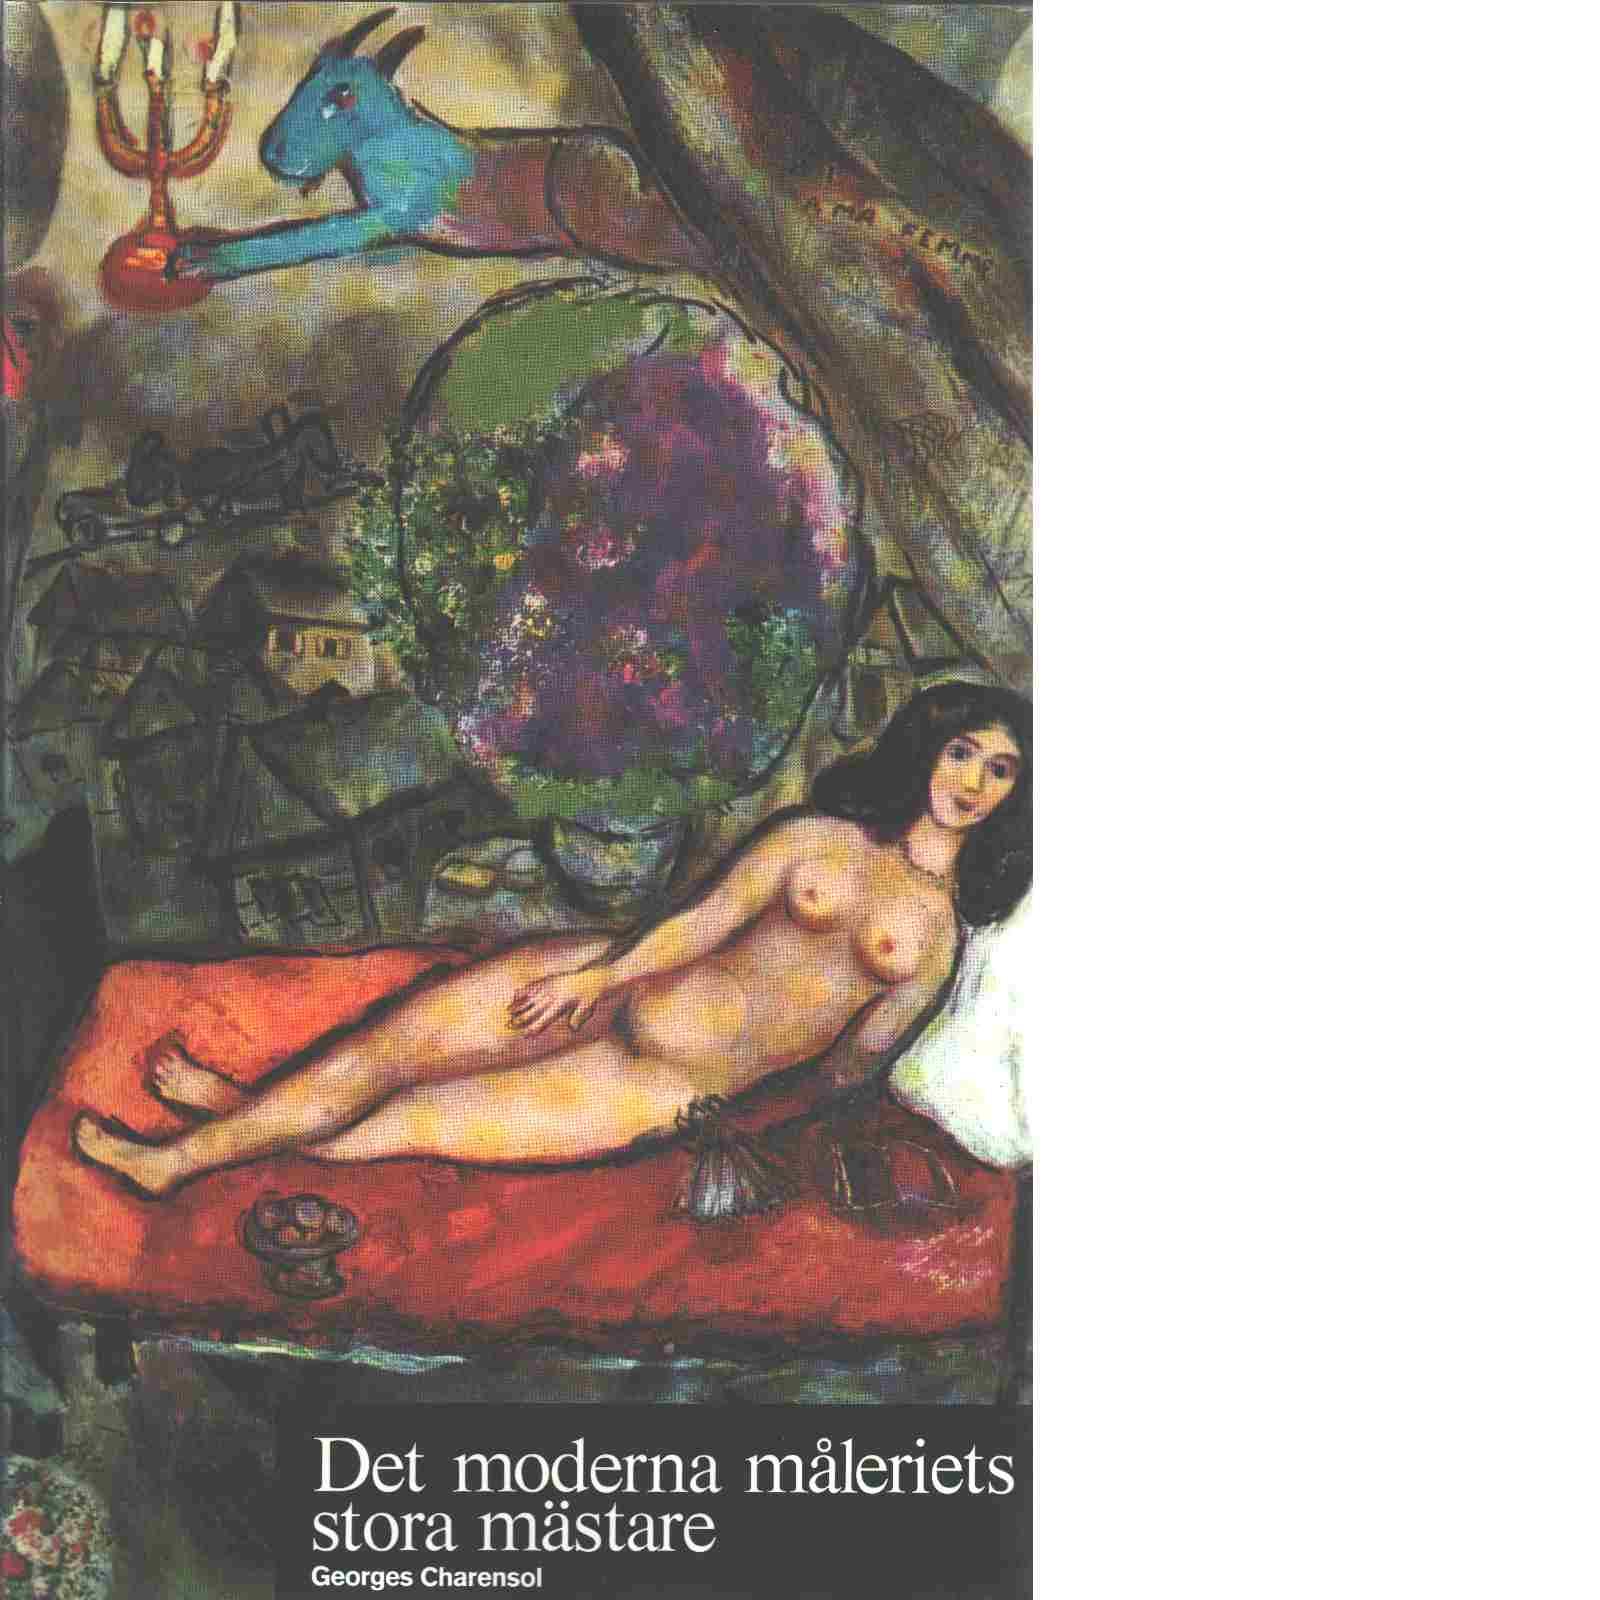 Det moderna måleriets stora mästare Konstens världshistoria. 22 - Red. Schaeffner, Claude  och Charensol, Georges